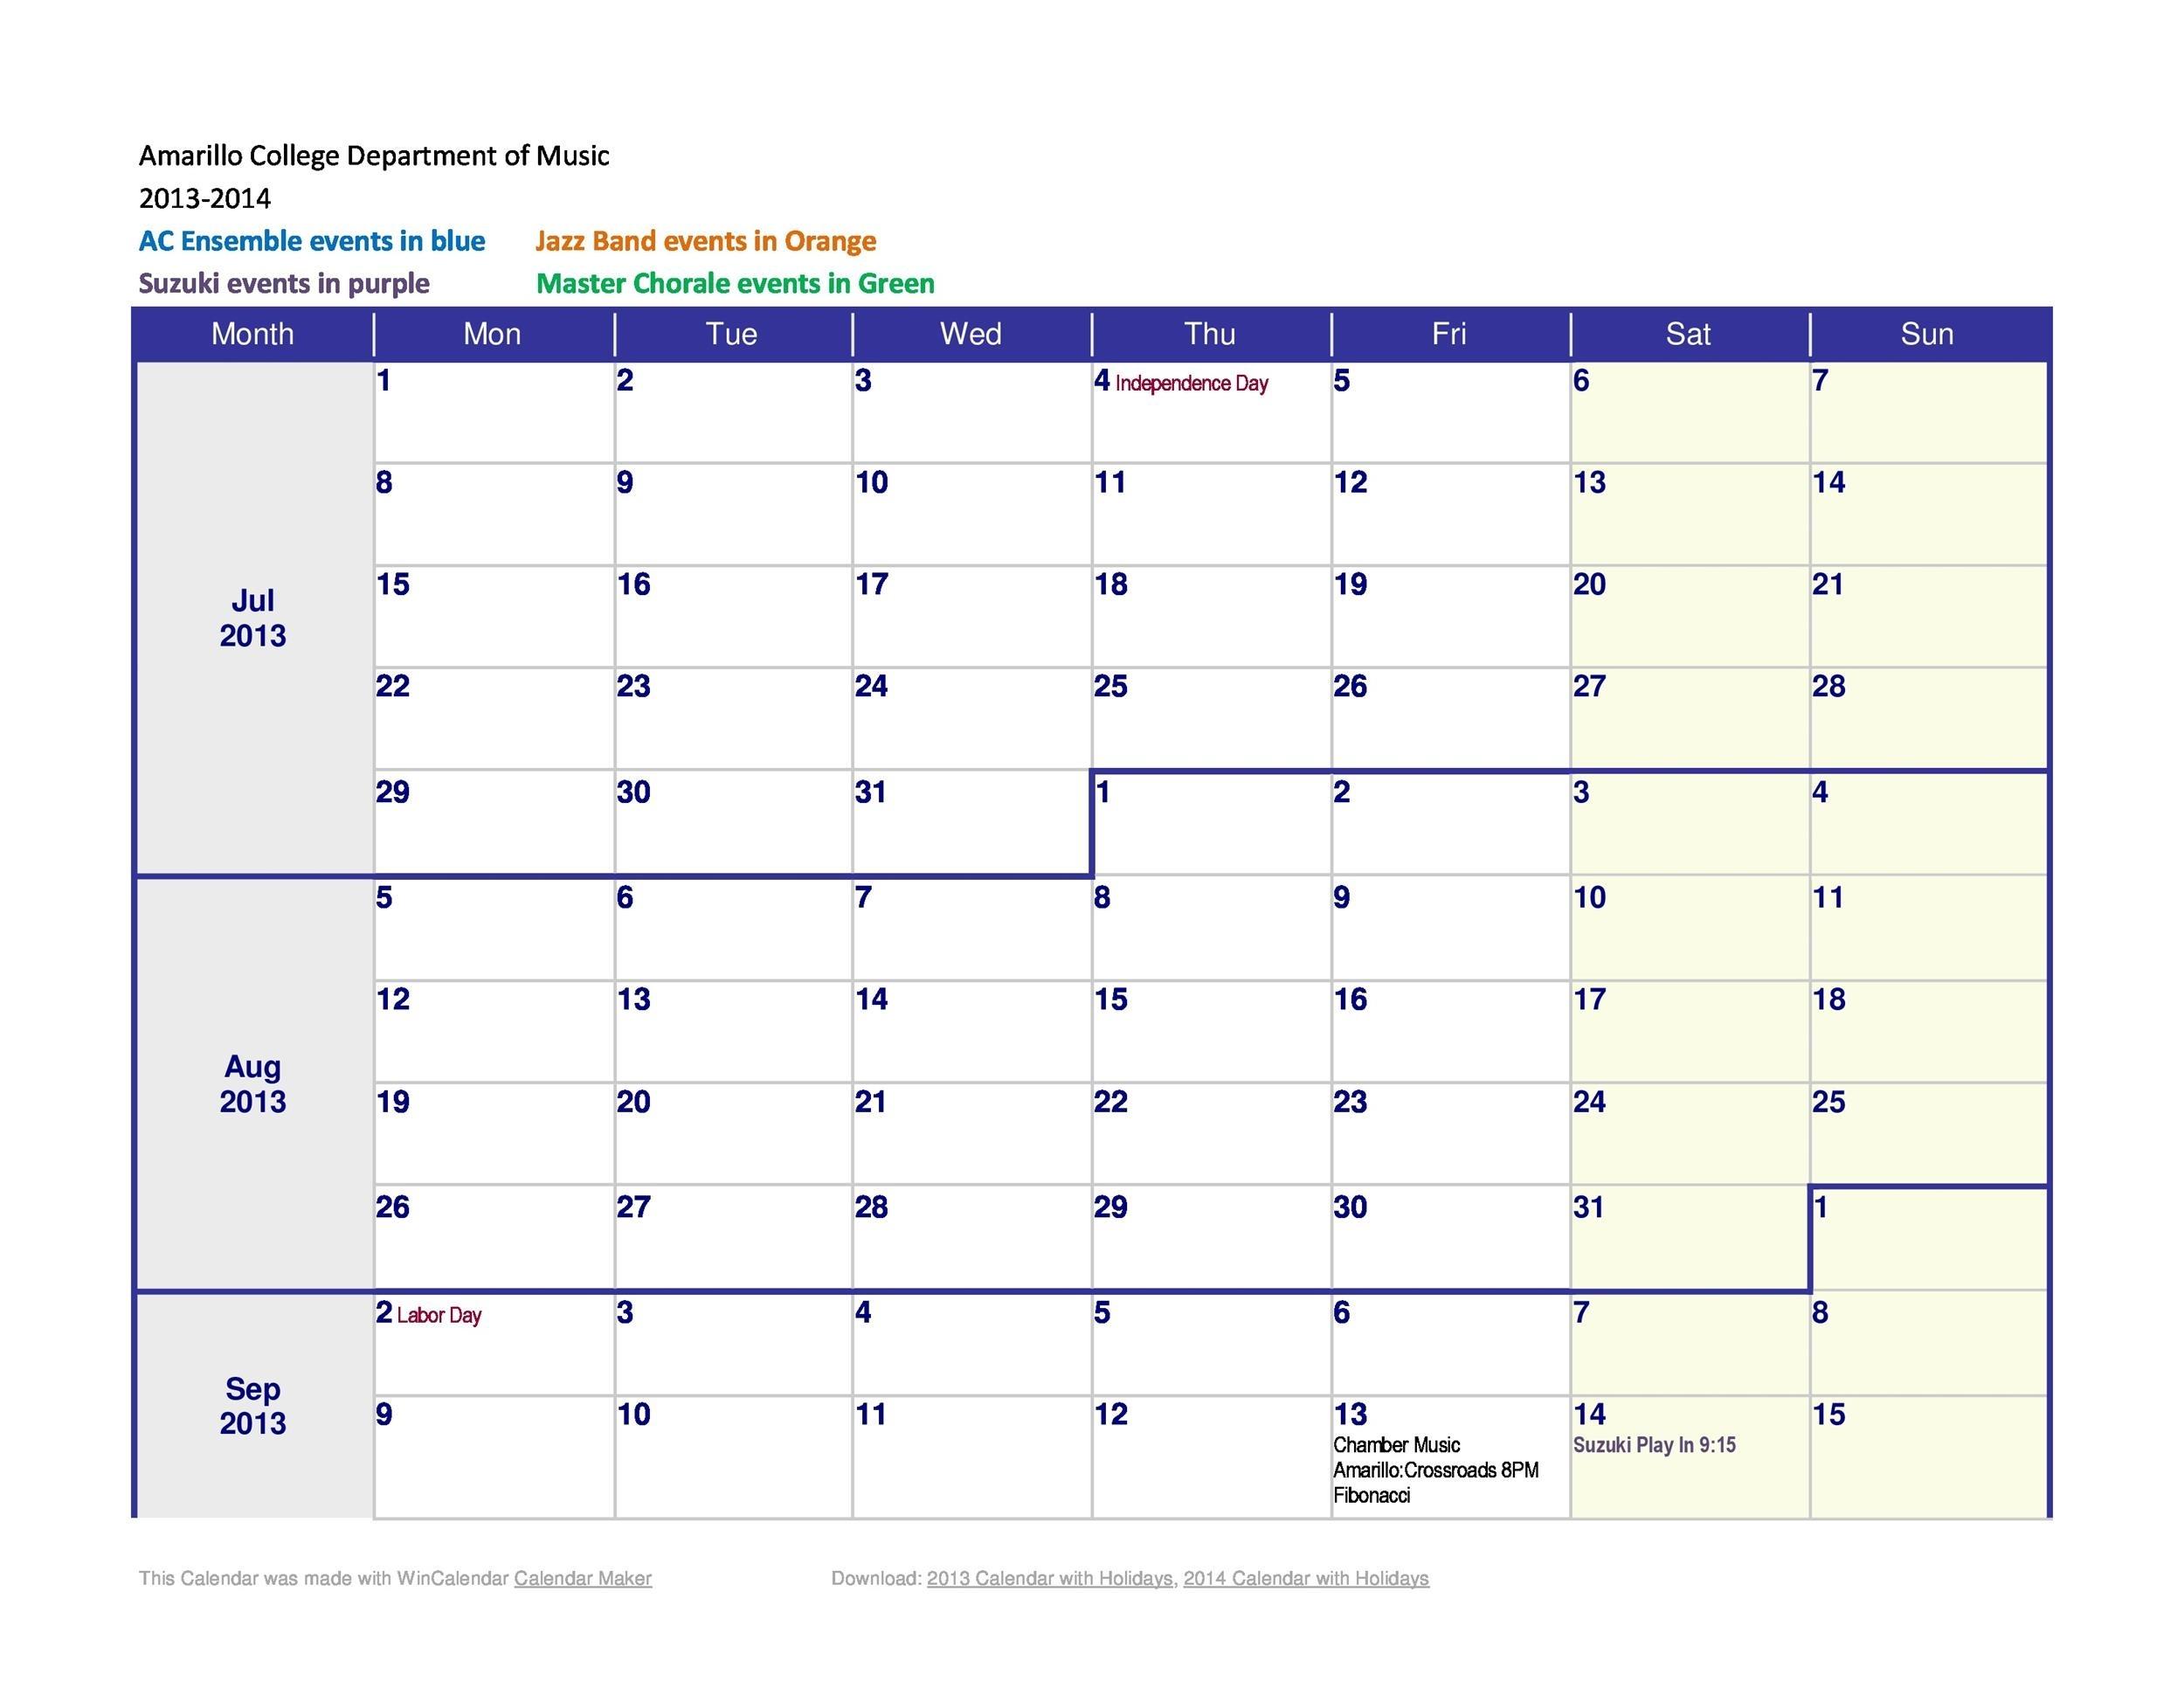 26 Blank Weekly Calendar Templates [Pdf, Excel, Word] ᐅ 9 Week Calendar Template